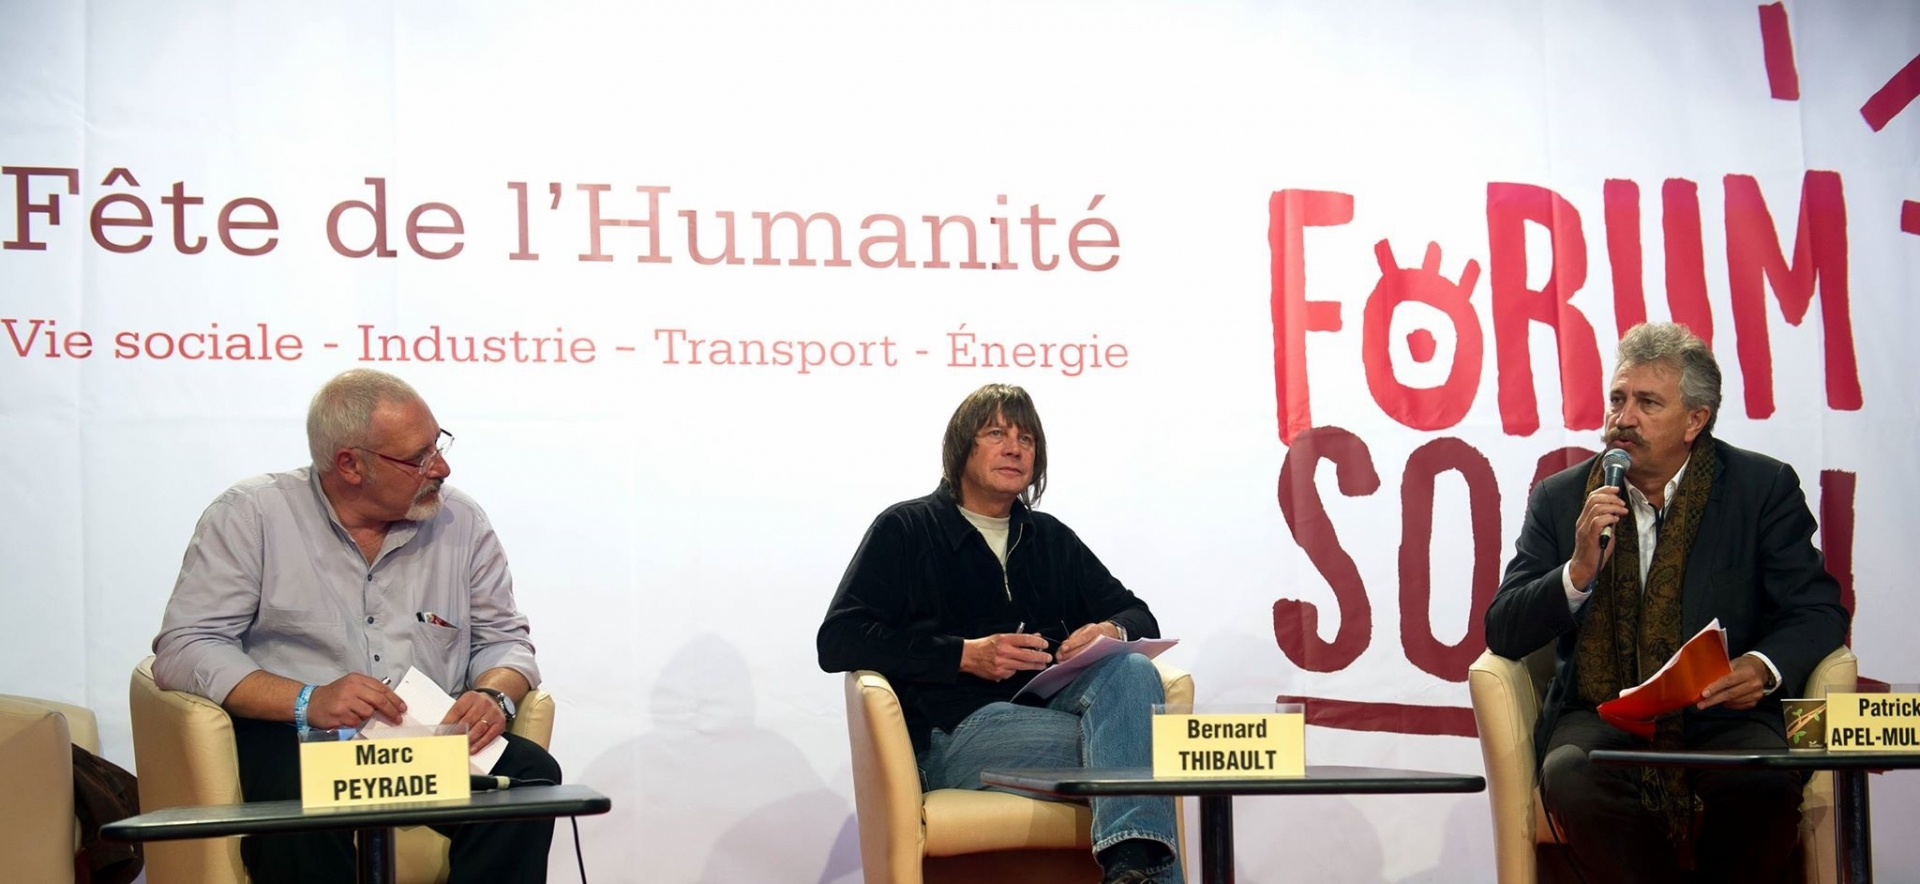 thumbnail of Marc Peyrade, secrétaire général de la Filpac-CGT, Bernard Thibault, ex-secrétaire général de la CGT et Patrick Apel-Muller, directeur de la rédaction de l'Humanité, lors du Forum social, en 2013. PHOTO FILPAC-CGT/DR